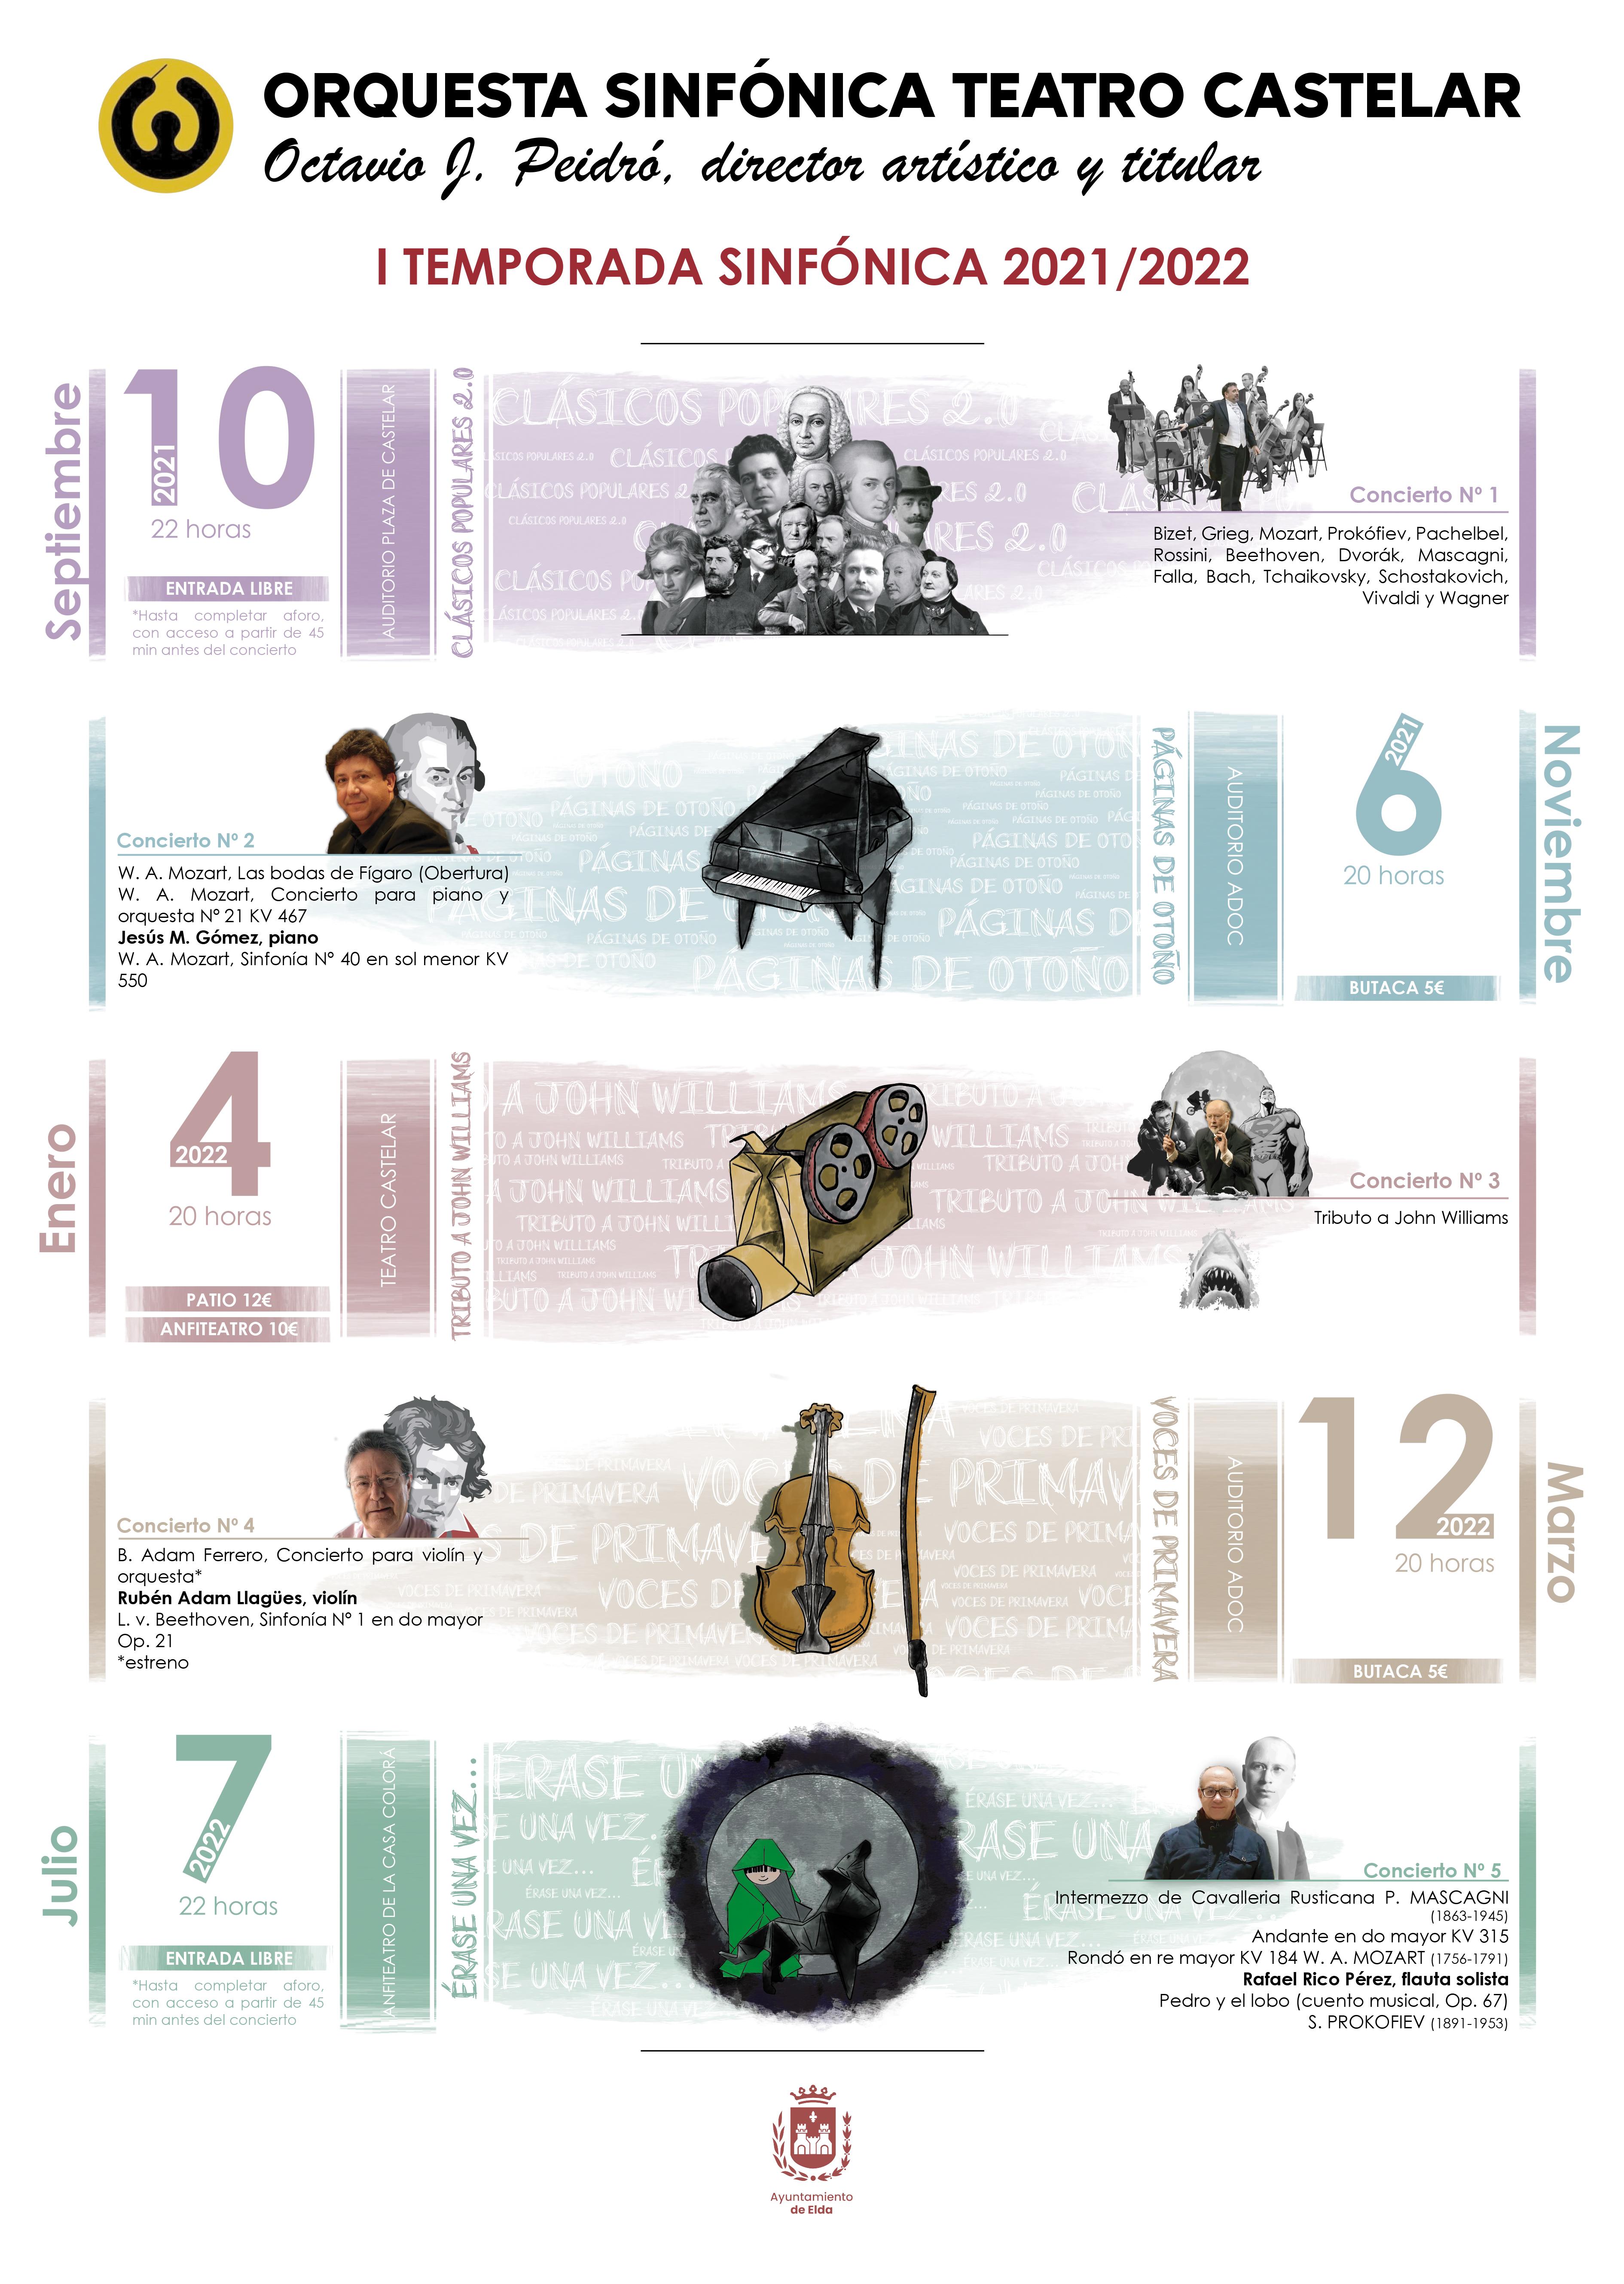 La Orquesta Sinfónica Teatro Castelar arranca el viernes su primera temporada de conciertos con una selección de 'Clásicos Populares'